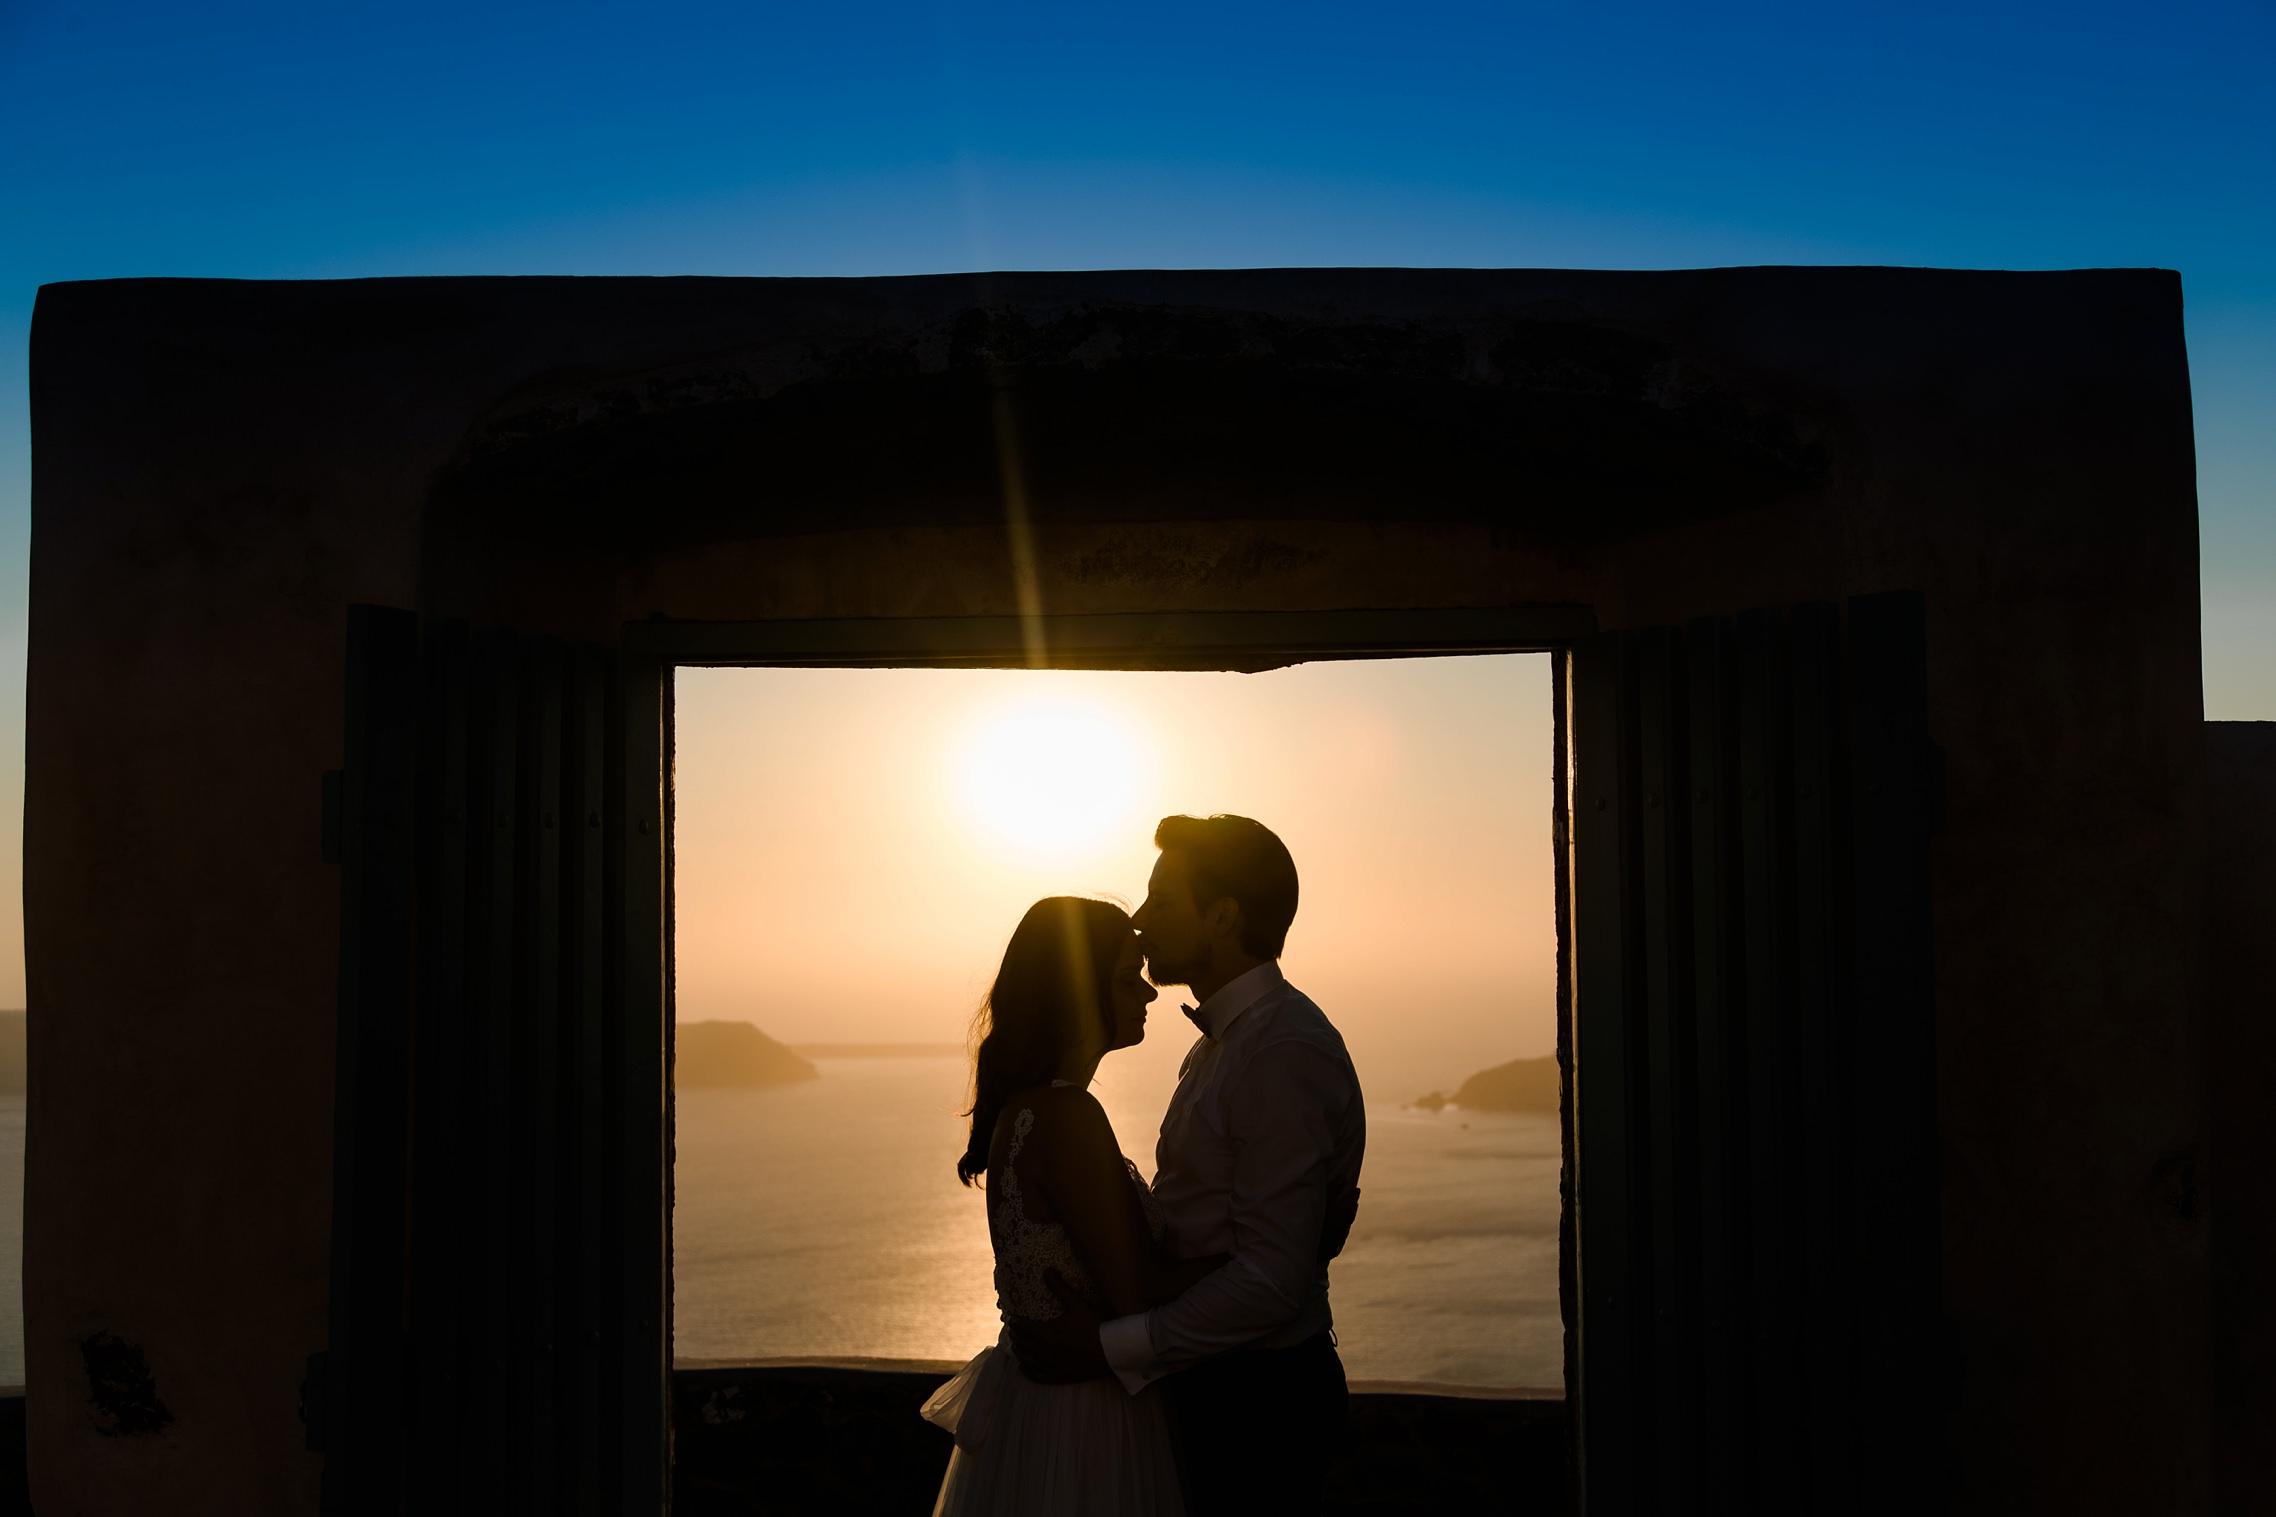 After-Wedding Santorini: Küssendes Hochzeitspaar beim Sonnenuntergang vor einem blau-orangenen Himmel.